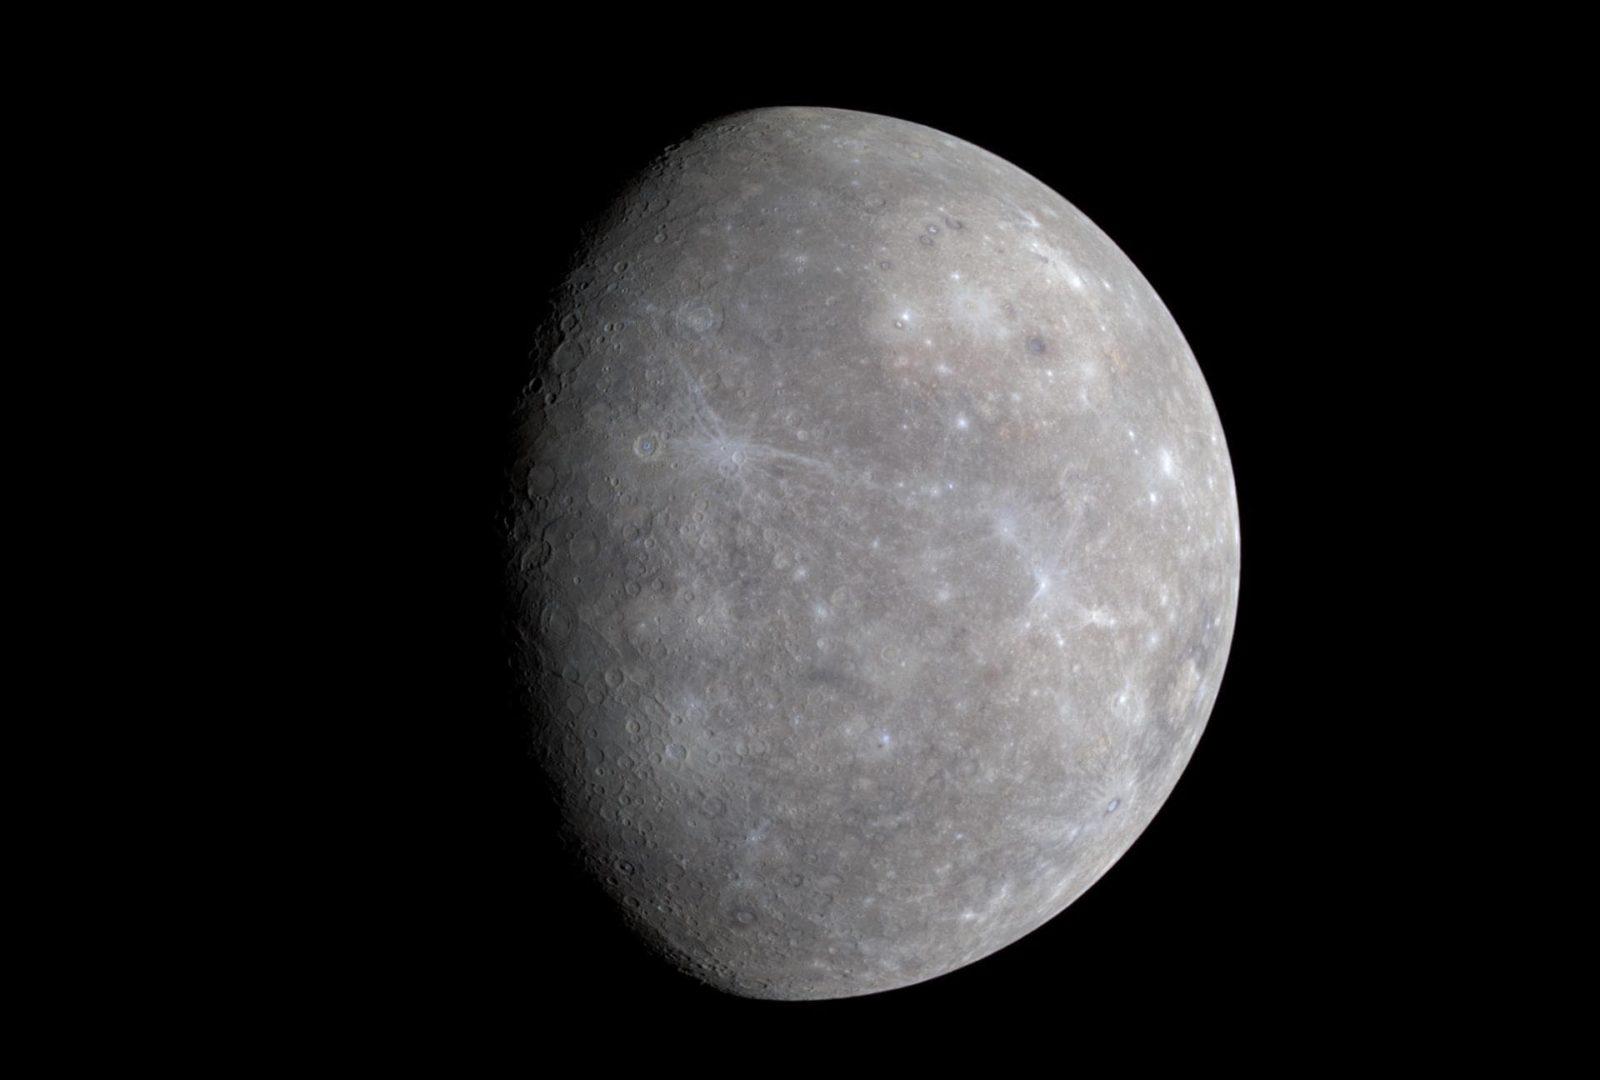 探査機メッセンジャーが撮影した水星